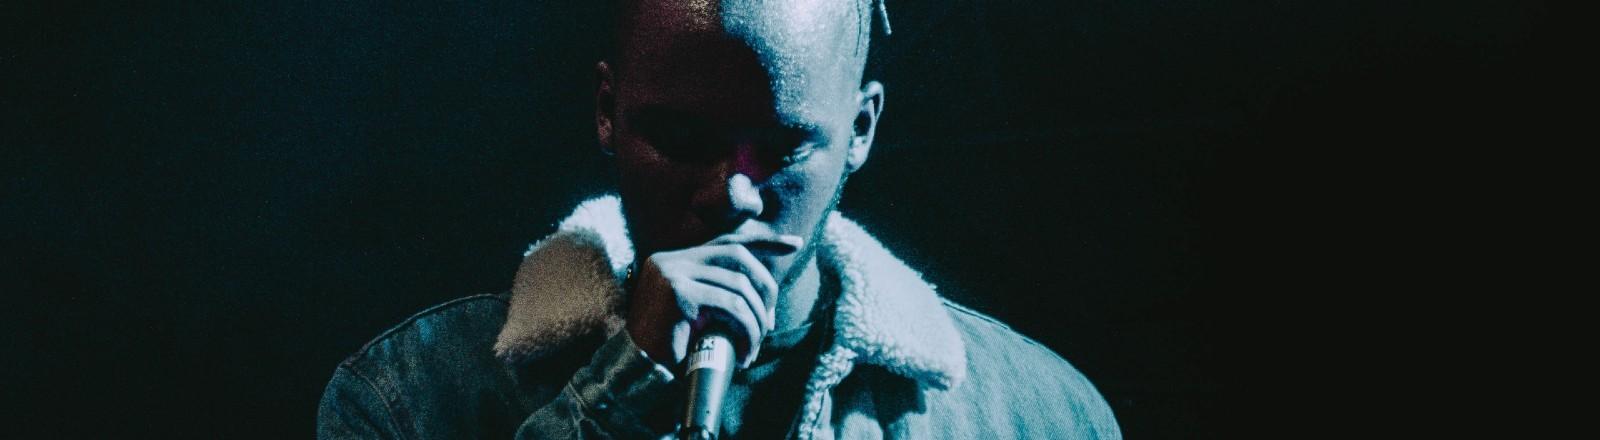 Ein Rapper steht auf der Bühne